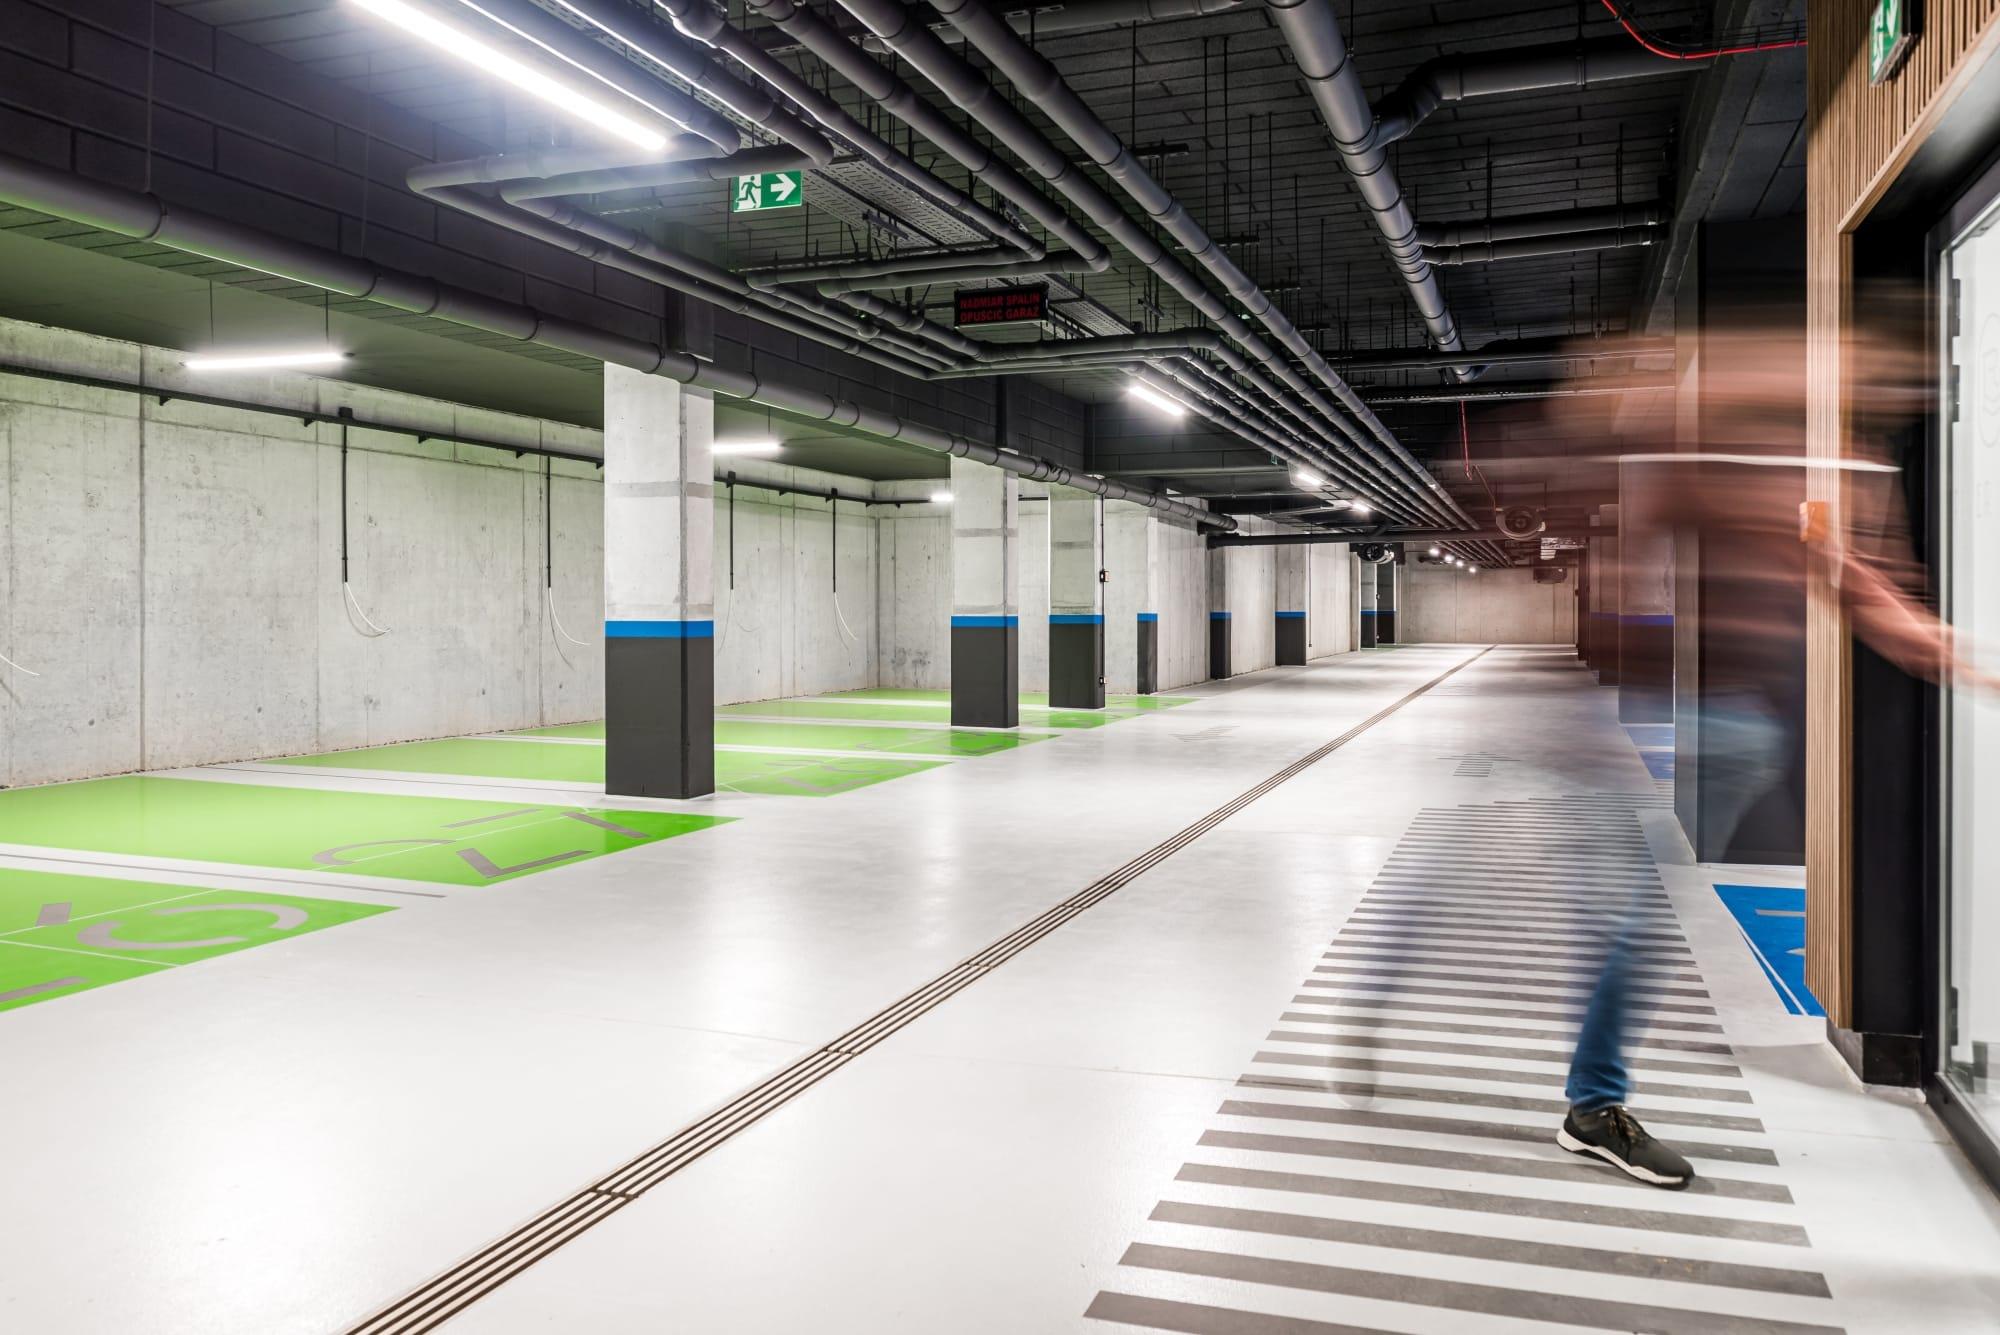 Projekt hala parkingowa Borowego Kraków 1